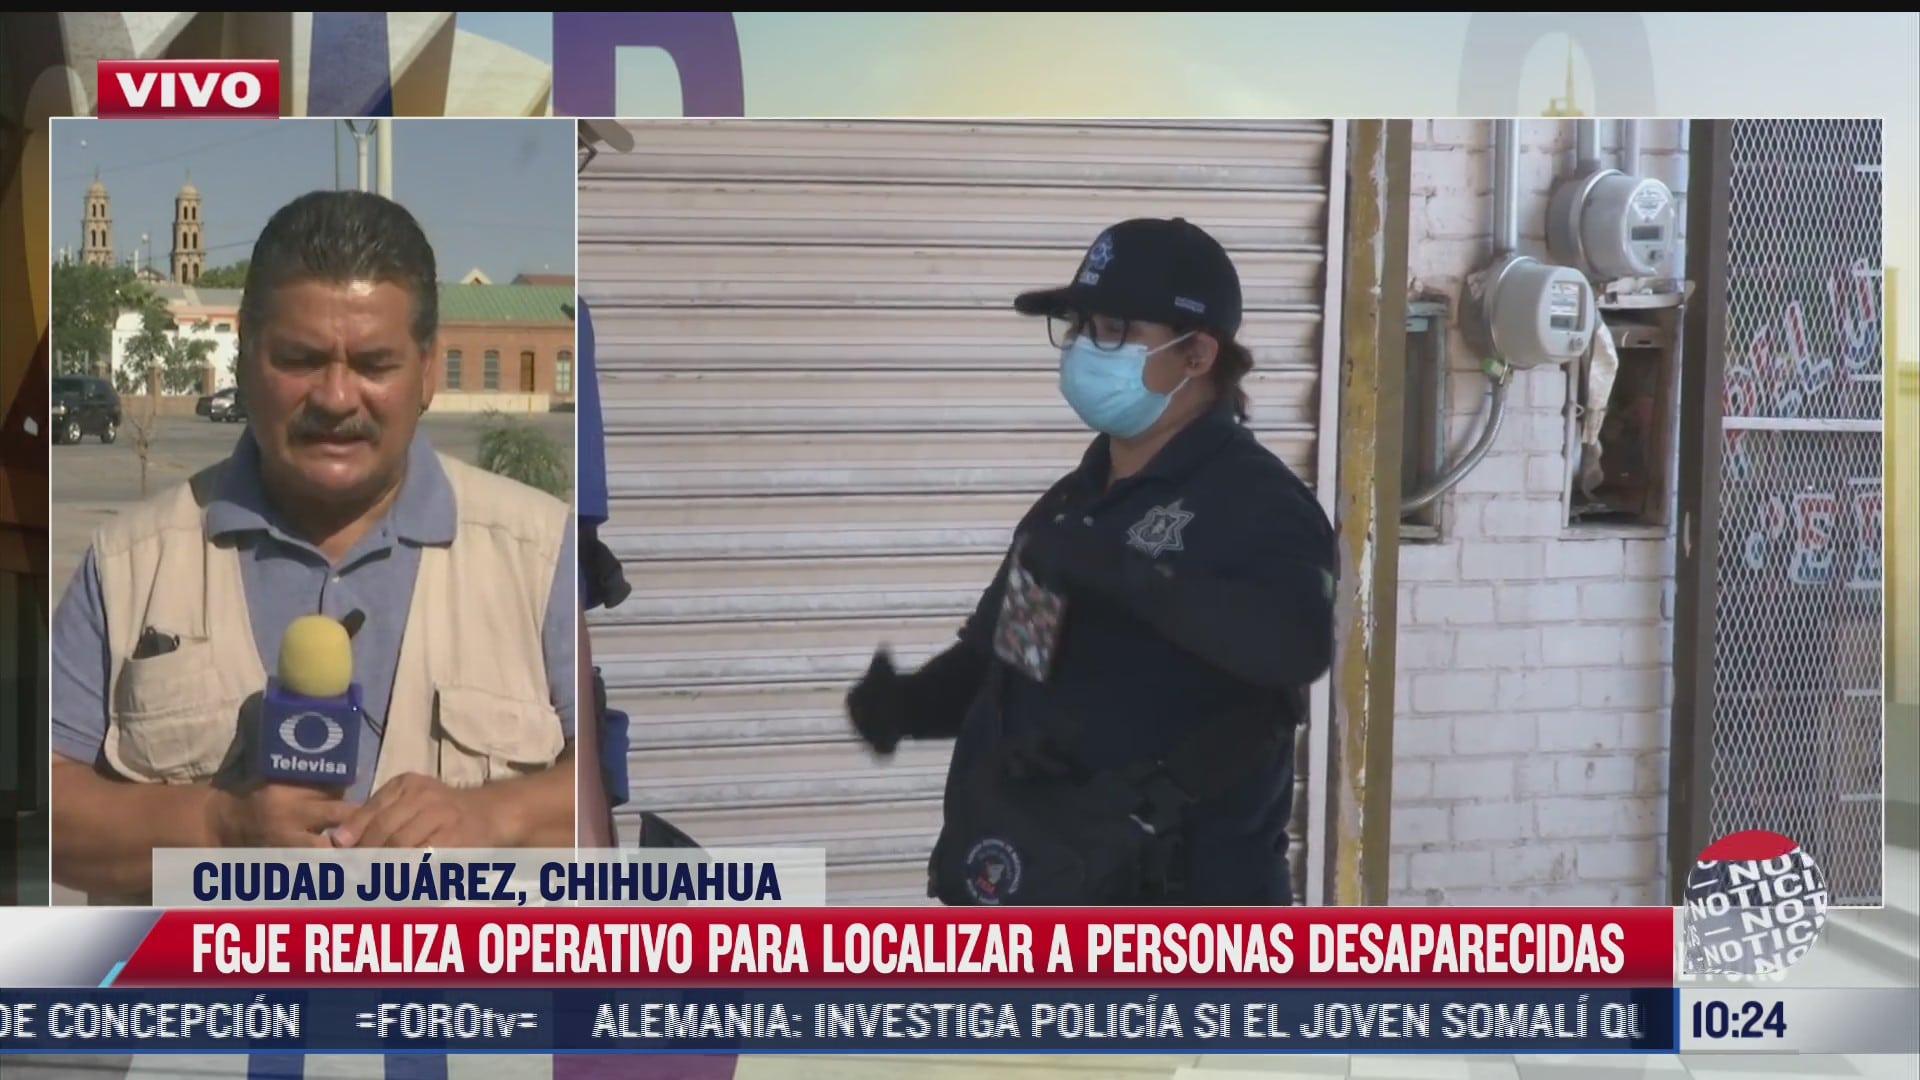 Chihuahua realiza operativo por desaparecidos